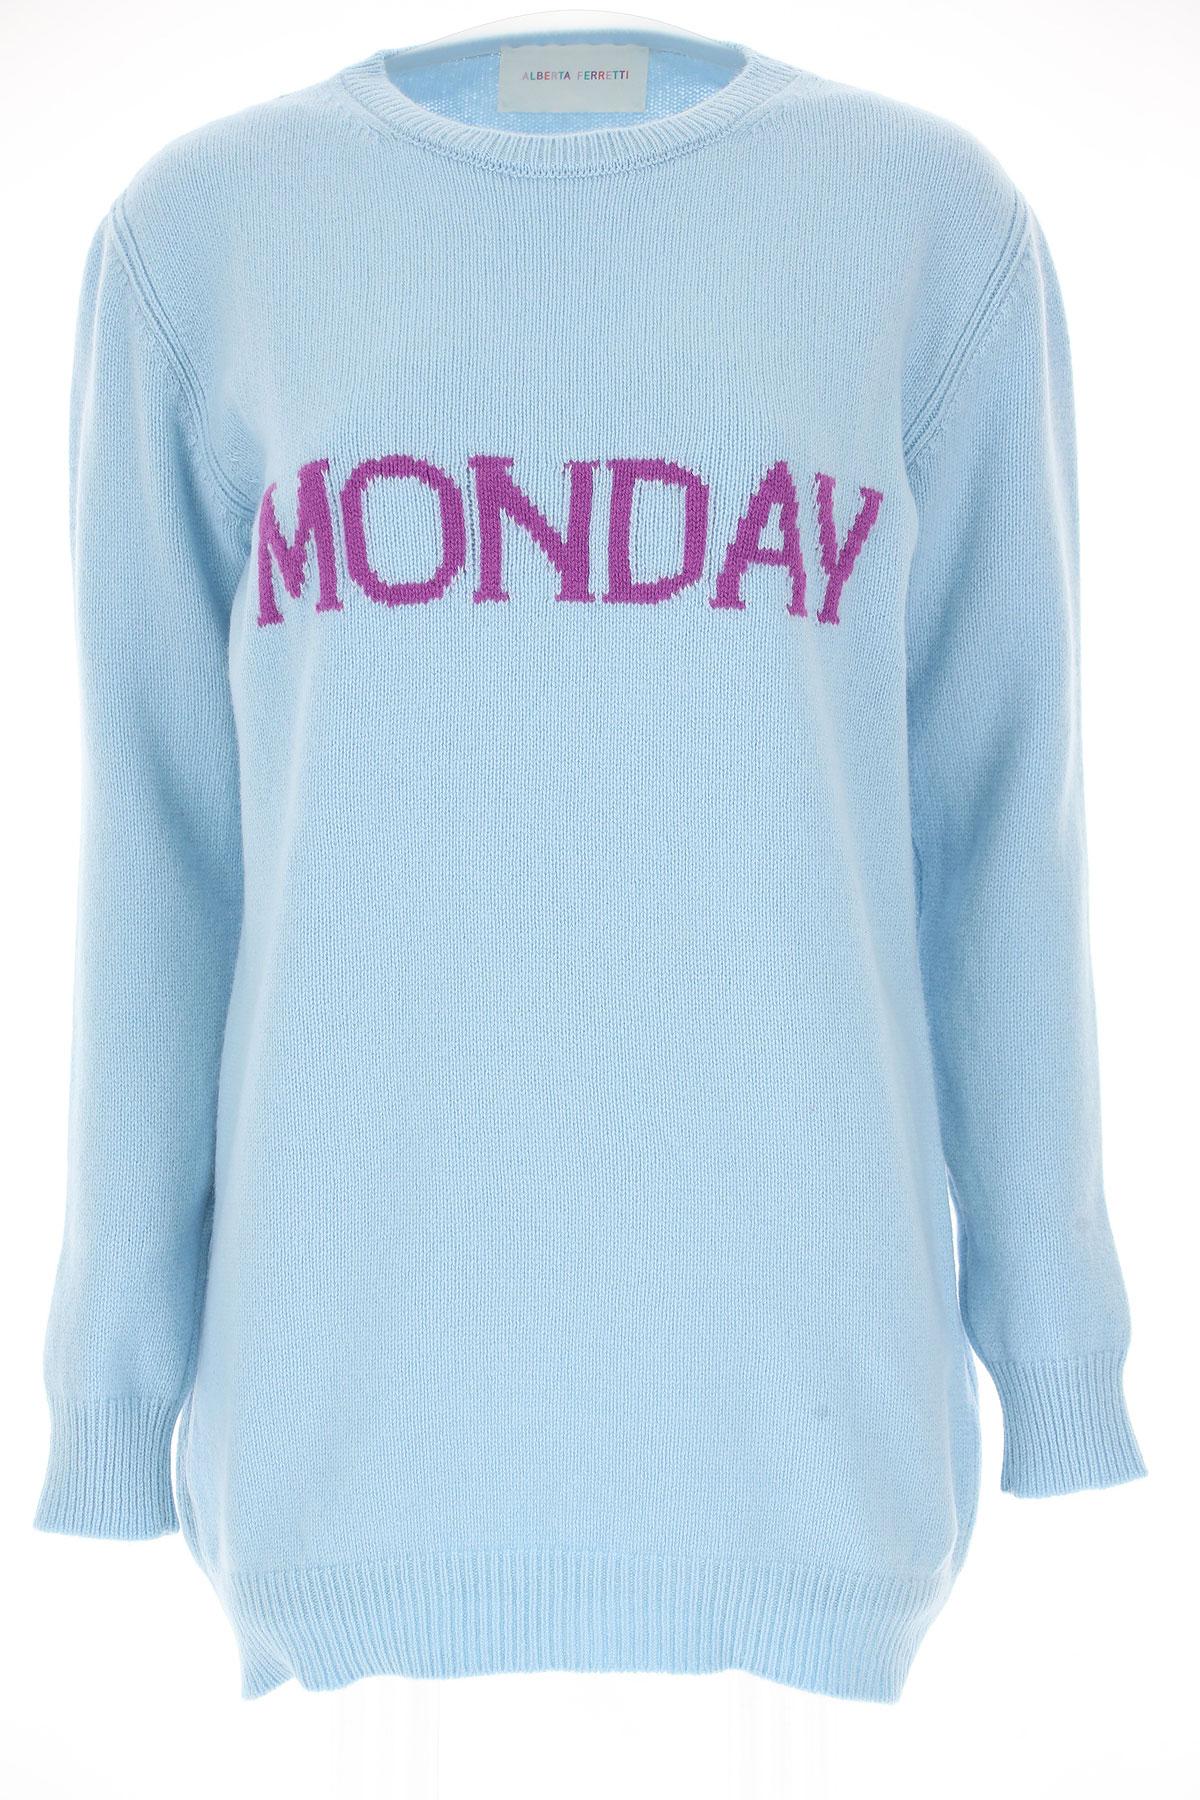 Alberta Ferretti Sweater for Women Jumper On Sale, Monday, Skyblue, Wool, 2019, 2 4